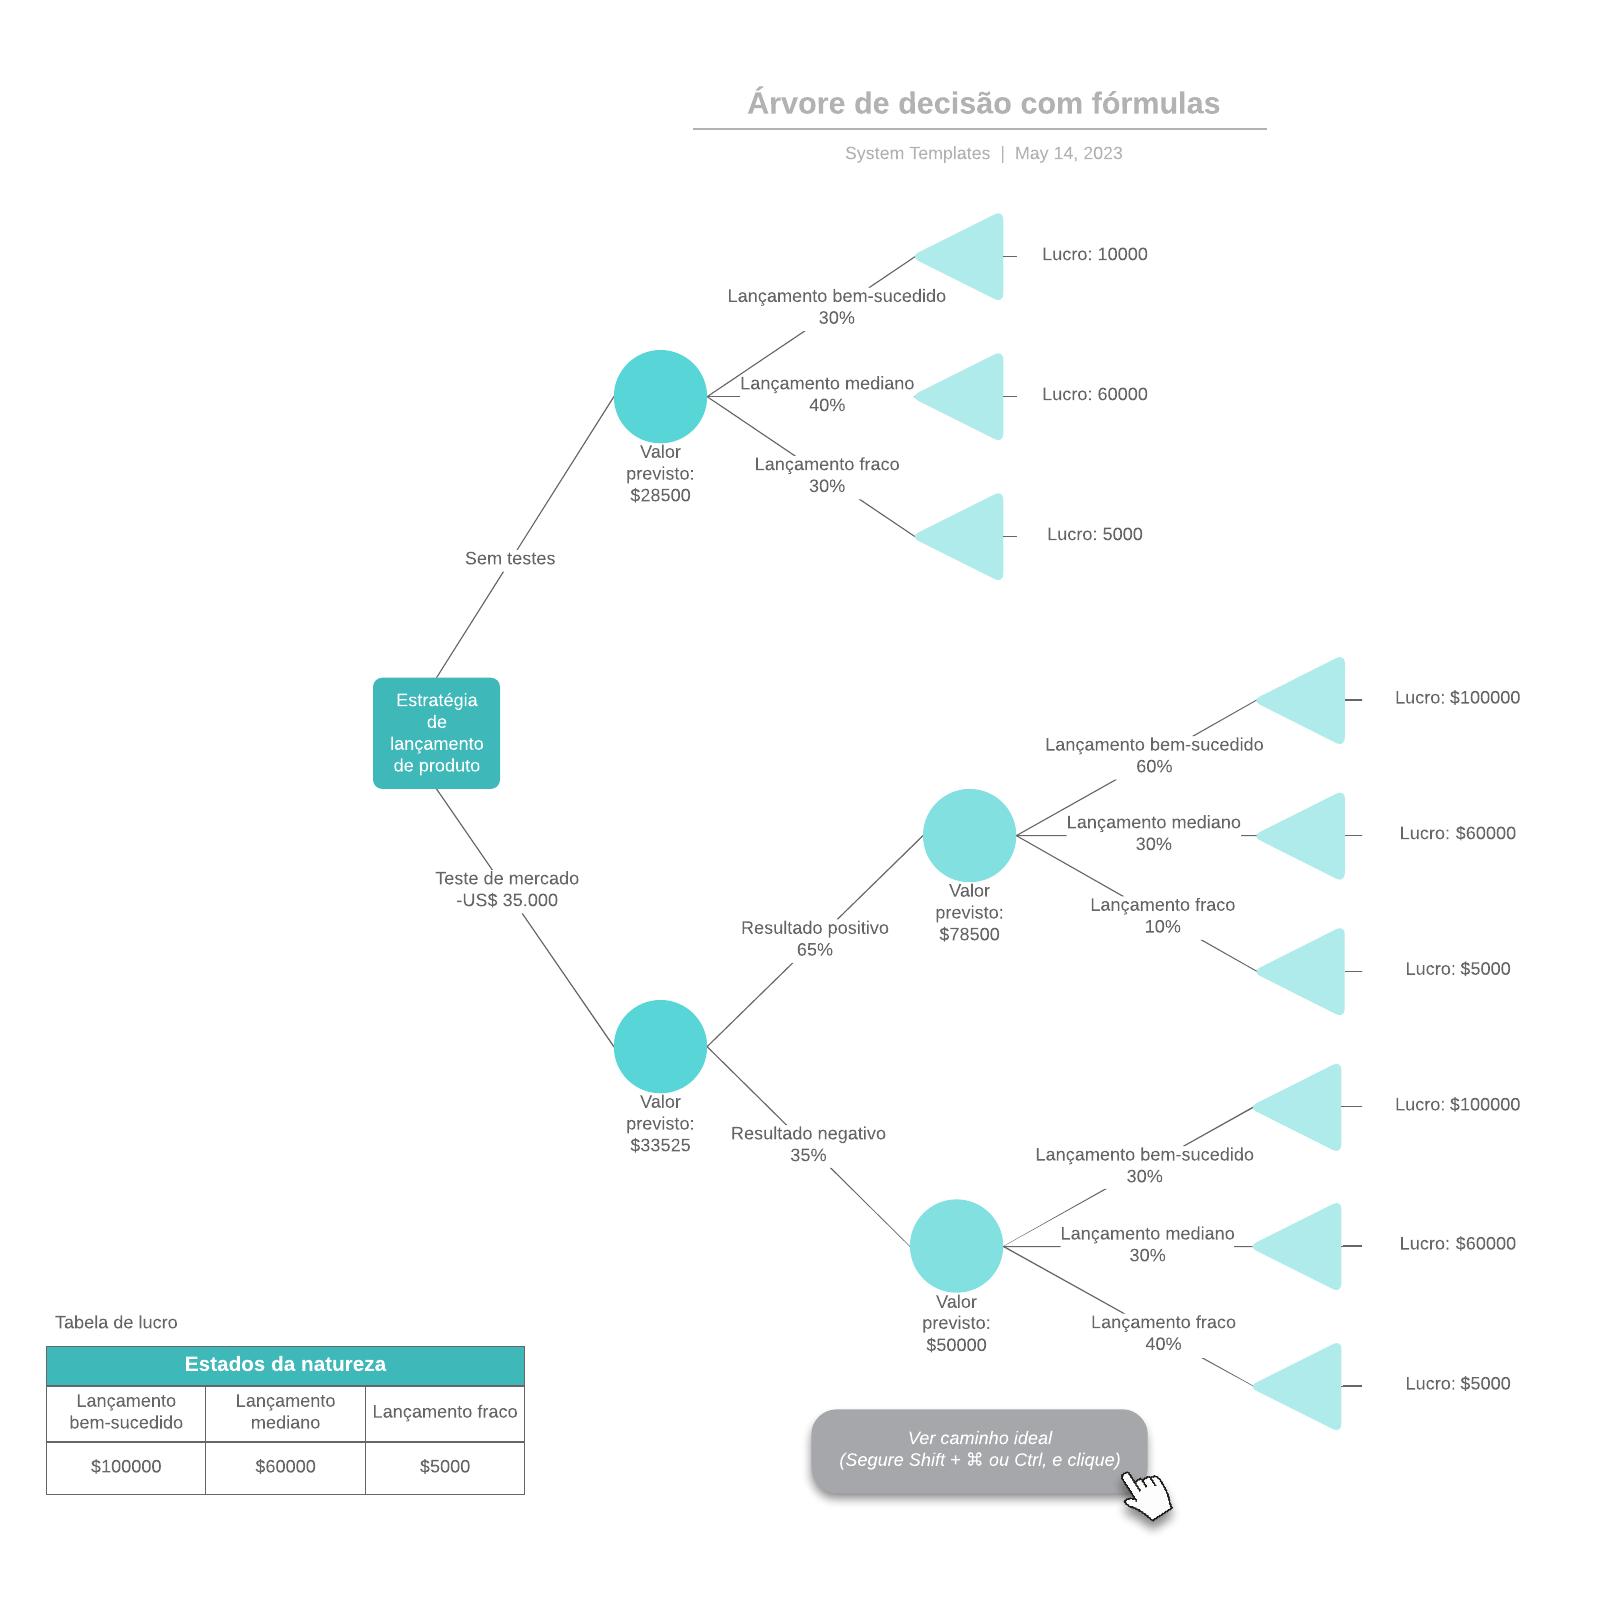 Árvore de decisão com fórmulas